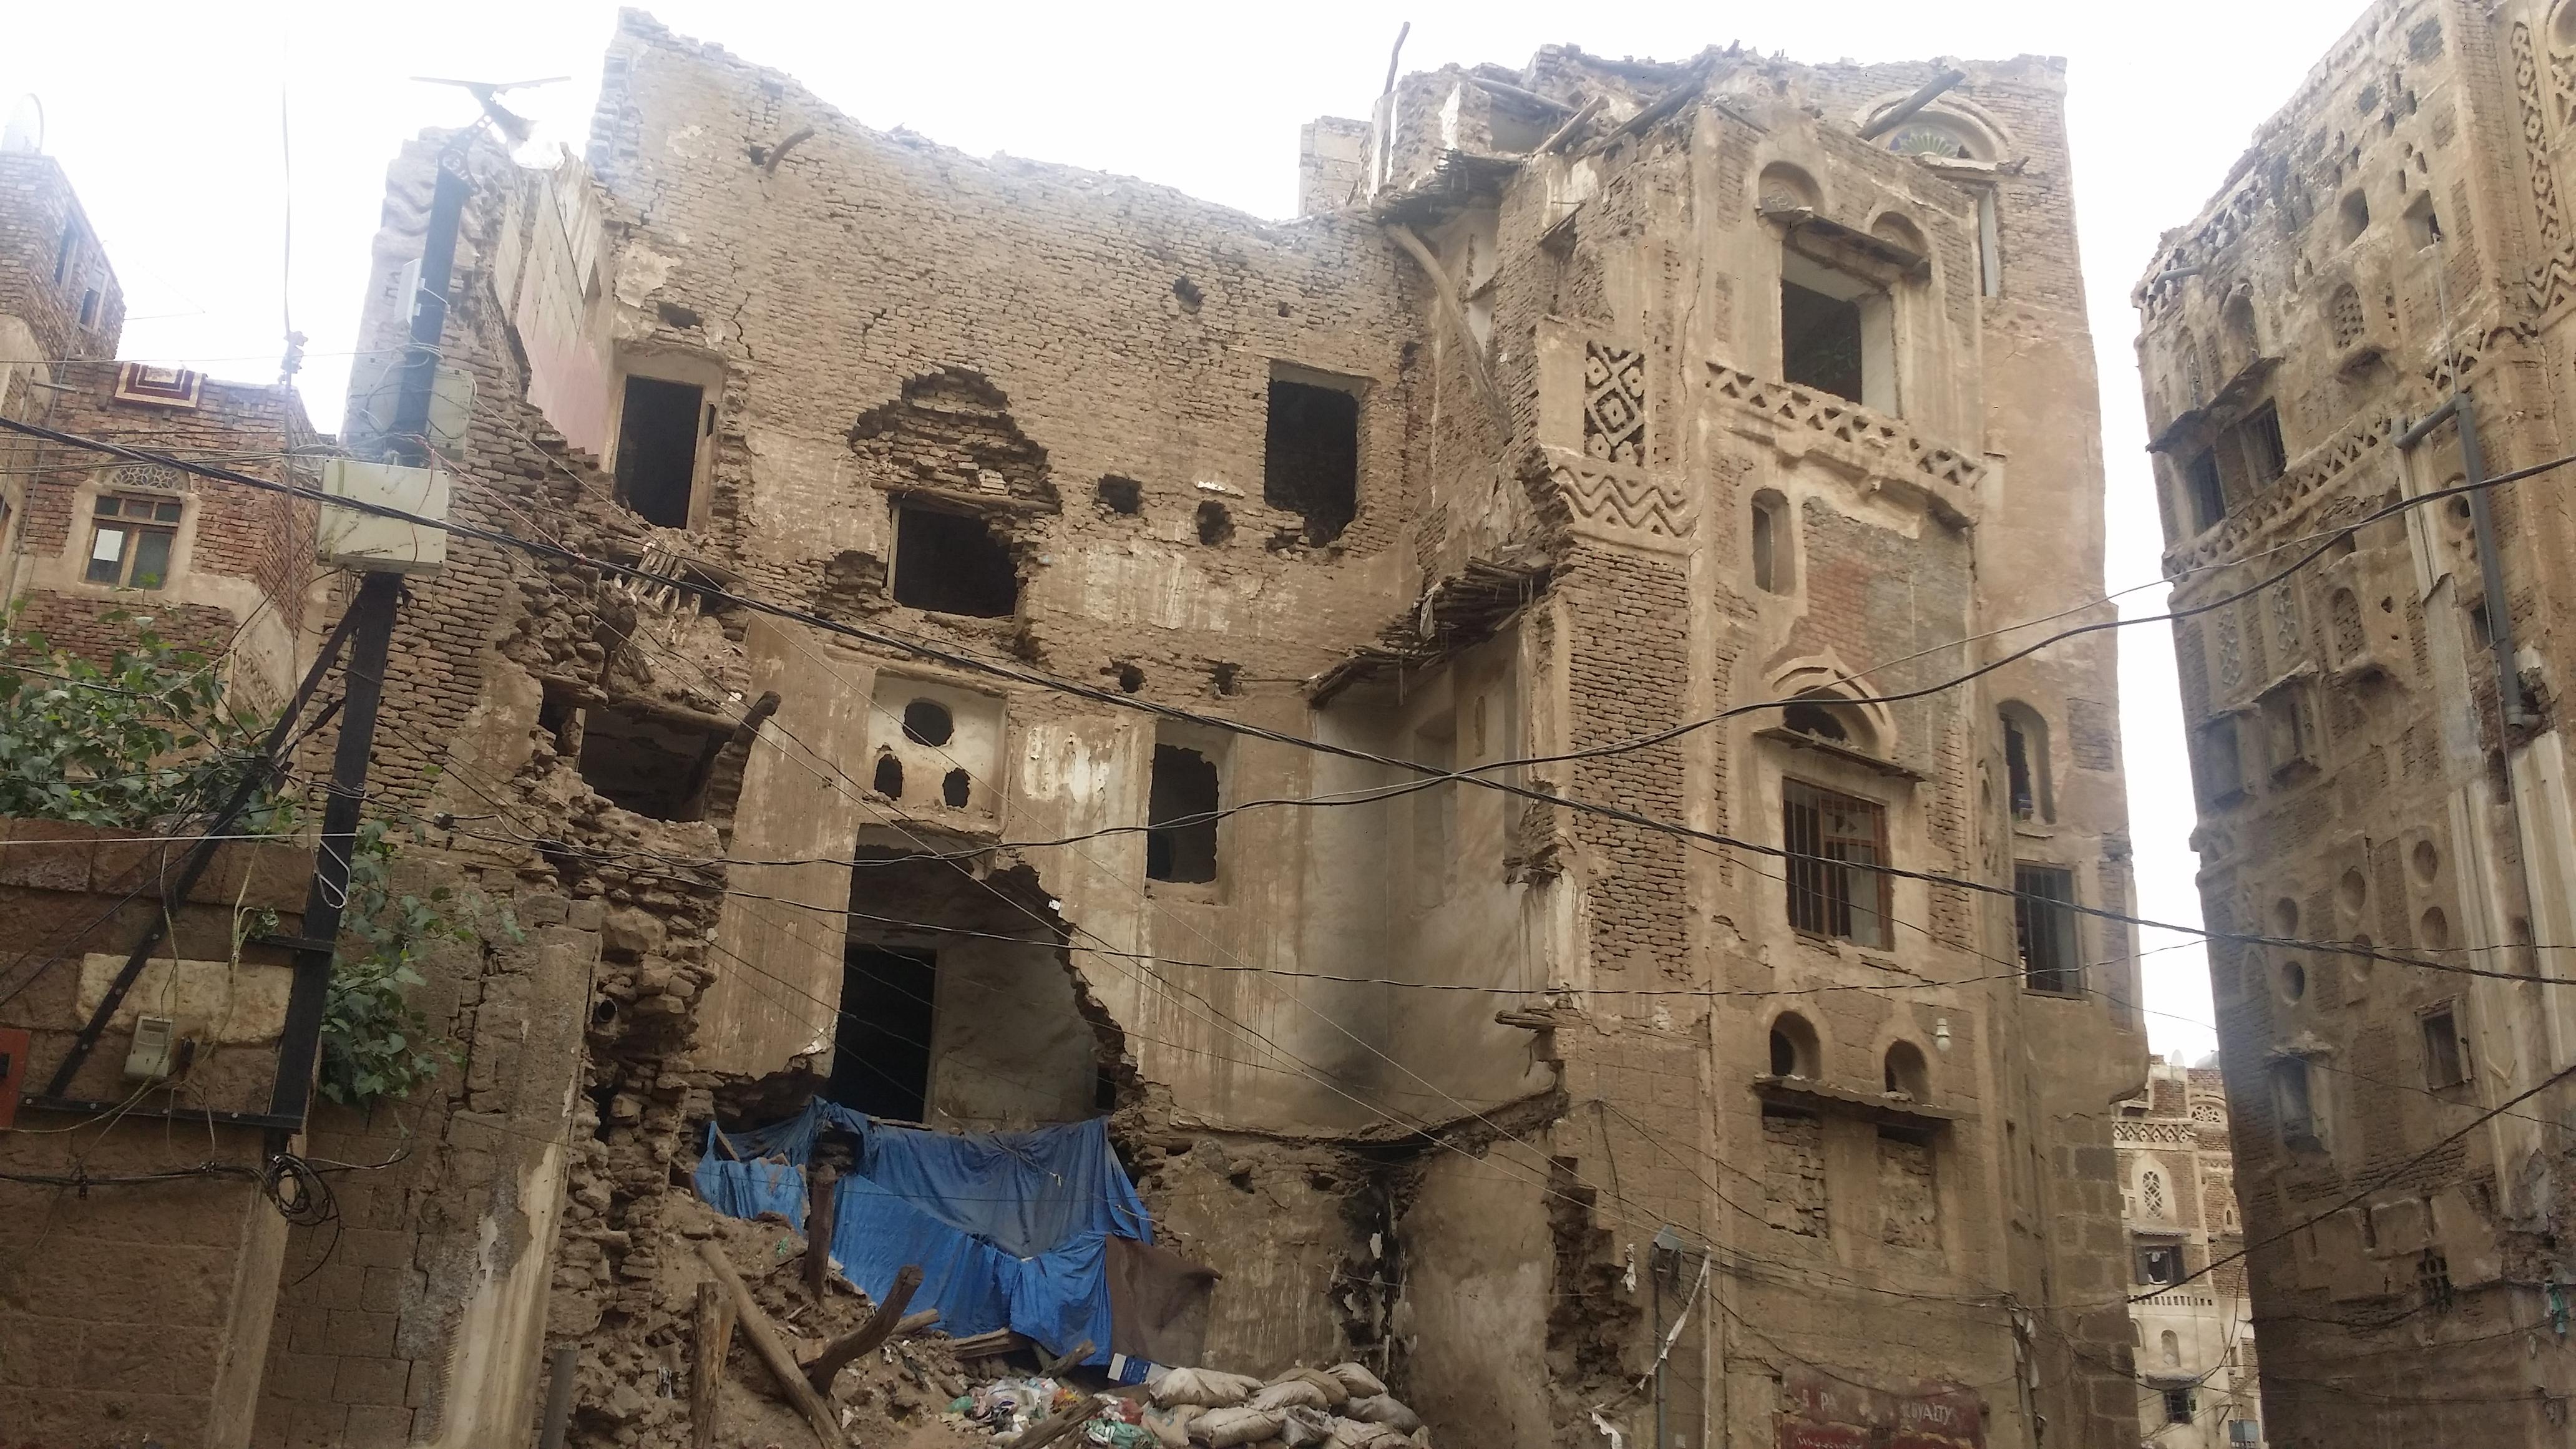 منزل تاريخي مدمر بمدينة صنعاء القديمة- ارفع صوتك